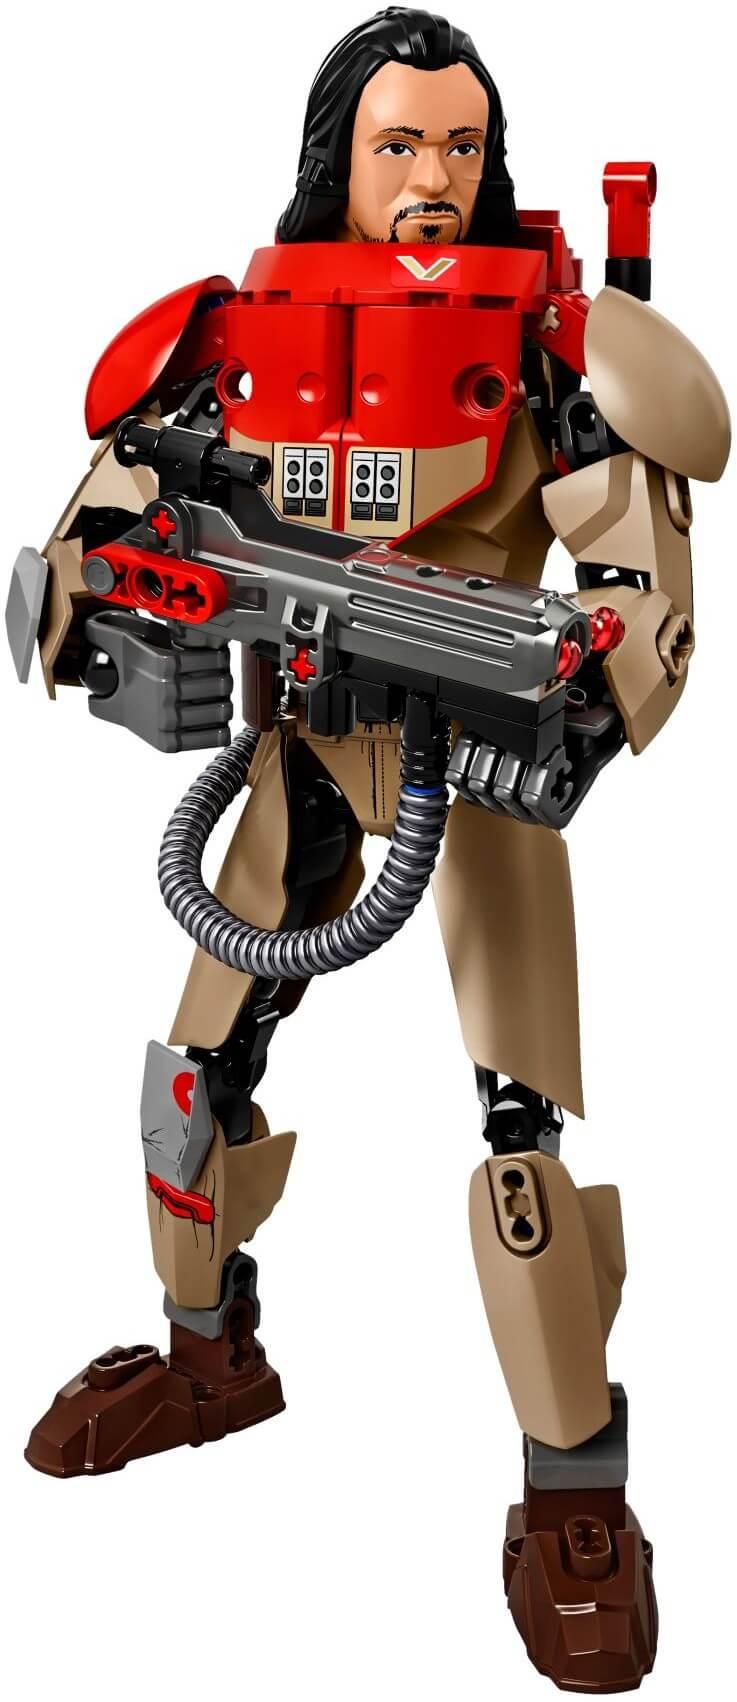 Mua đồ chơi LEGO 75525 - LEGO Star Wars 75525 - Baze Malbus (LEGO 75525 Baze Malbus)